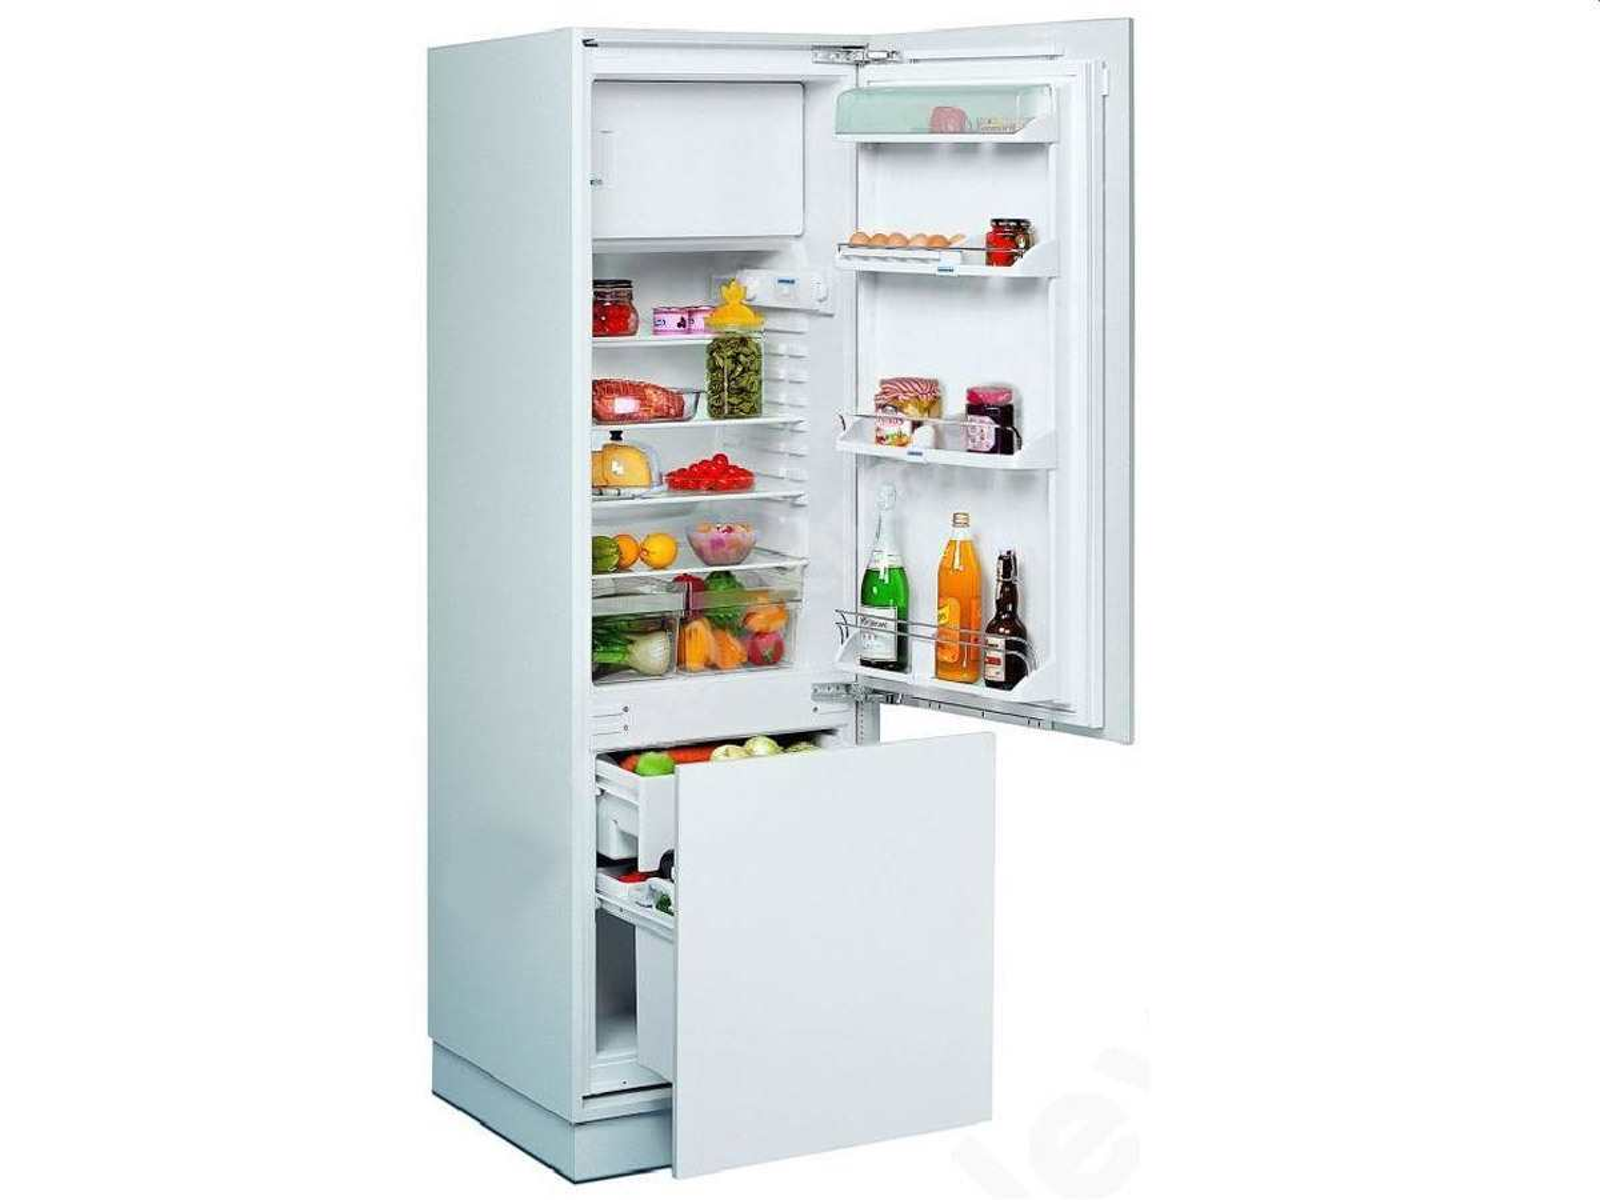 Mini Kühlschrank Liebherr : Kleiner kühlschrank lampe blau kleiner sockel für kühl und